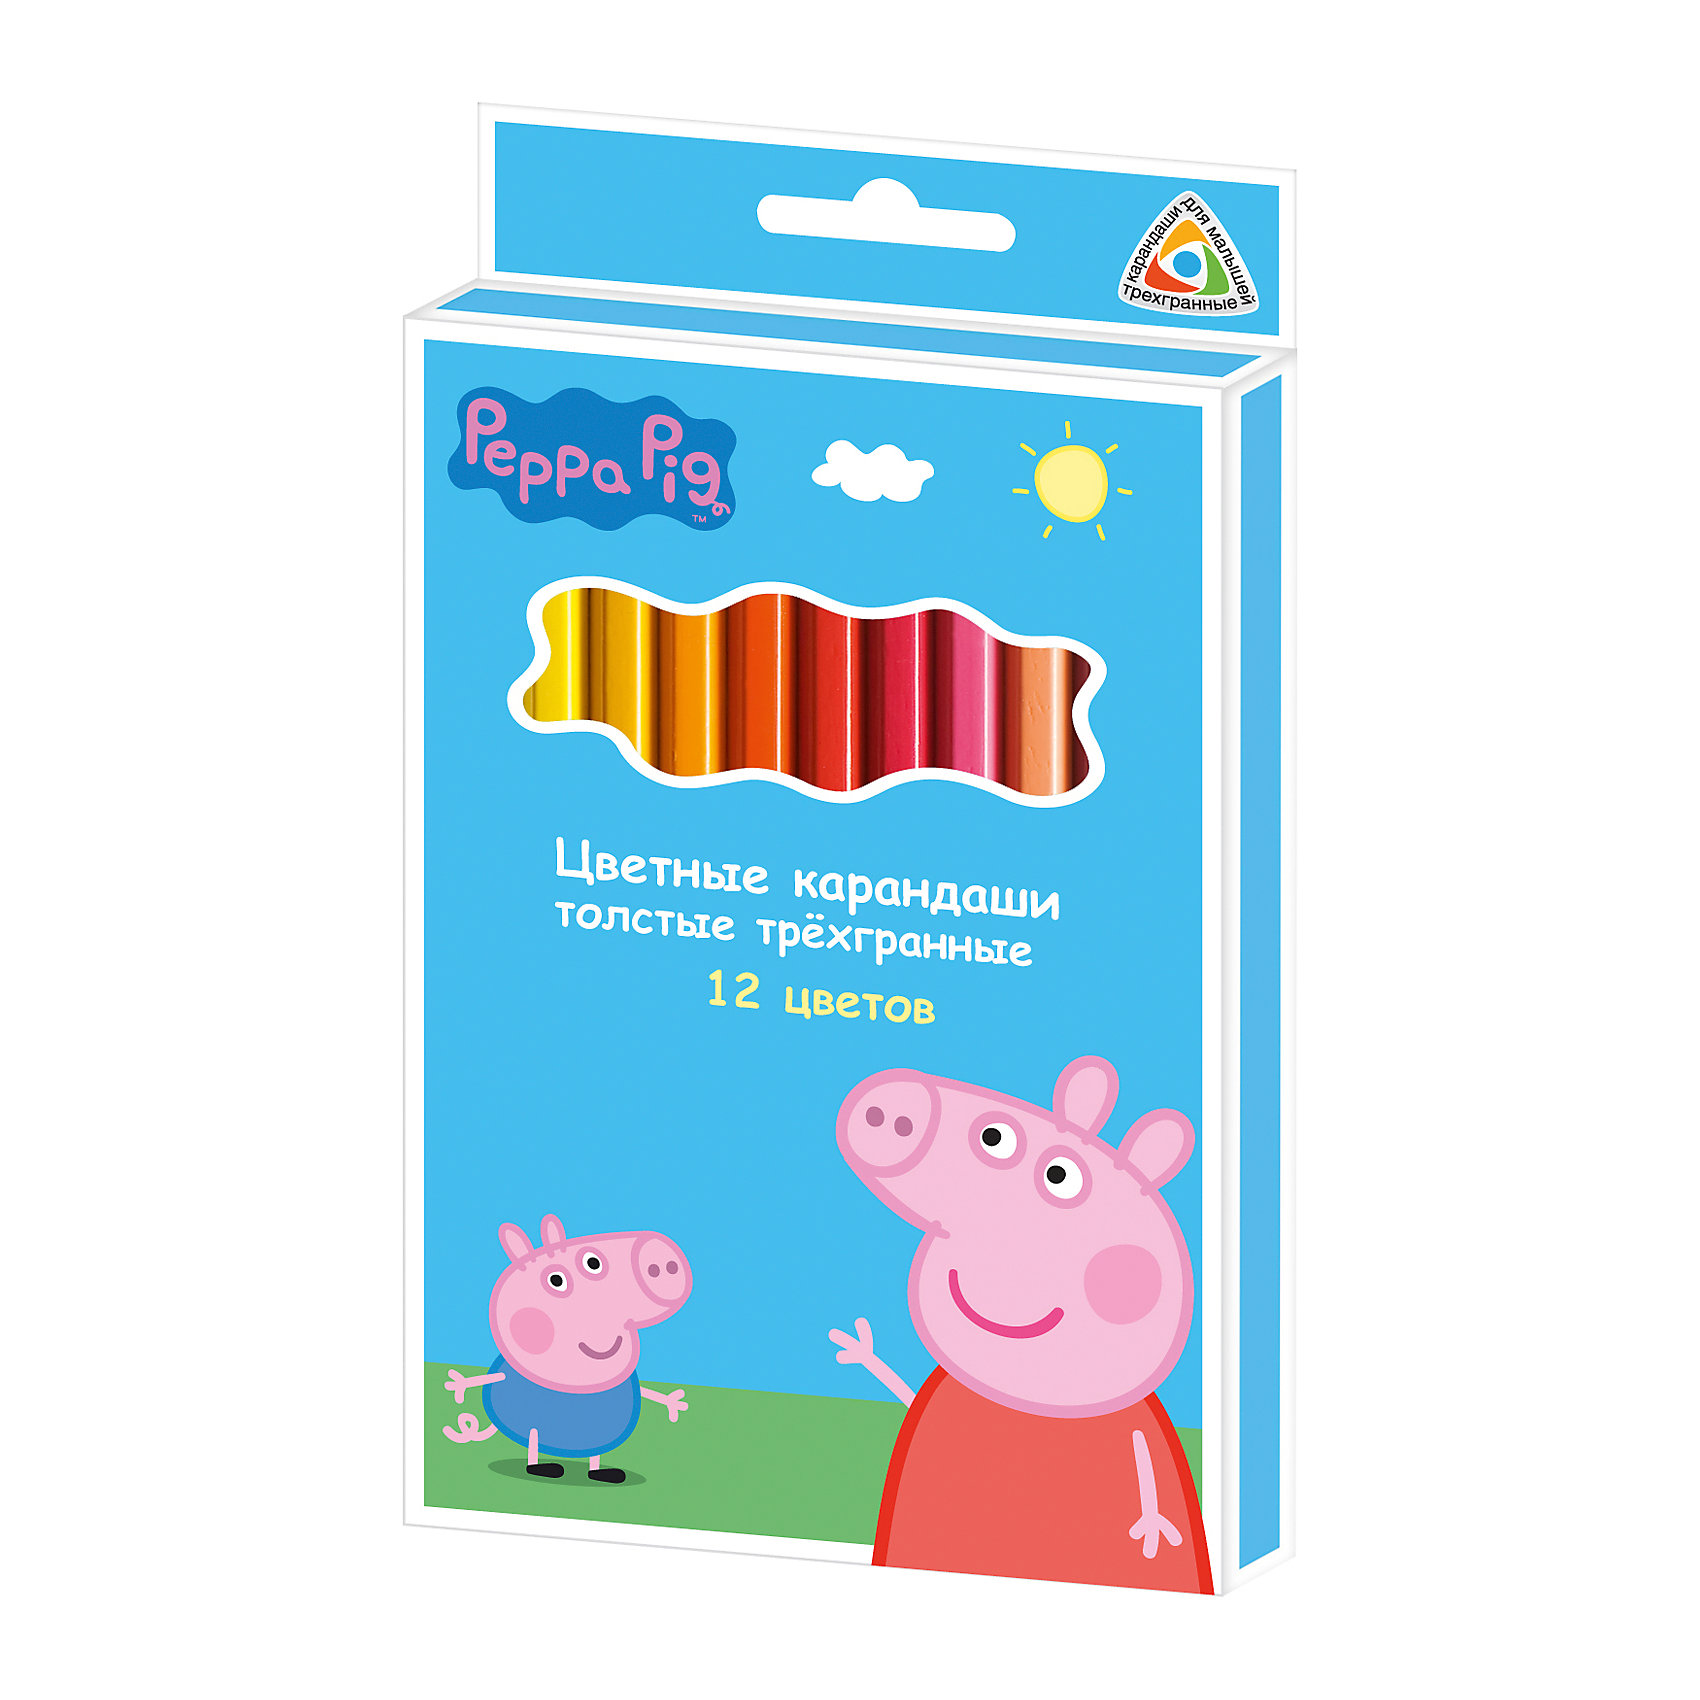 Цветные карандаши, 12 цв., Свинка ПеппаСвинка Пеппа<br>Карандаши, Свинка Пеппа, идеально подходят для рисования, письма и раскрашивания. Карандаши разработаны специально для малышей: благодаря утолщенному трехгранному корпусу и эргономичной форме, они особенно удобны для детской руки, поэтому ребенок может рисовать без усталости и правильно держать карандаш, формируя навыки правильного письма. Изготовлены из высококачественной древесины, легко затачиваются, имеют прочный грифель, который не ломается при заточке. Набор из 12 карандашей оформлен в голубую картонную коробку с изображением любимой героини из популярного мультсериала Свинка Пеппа.<br><br><br>Дополнительная информация:<br><br>- В комплекте: 12 карандашей.<br>- Материал: дерево, грифель.<br>- Толщина грифеля: 0,4 см.<br>- Размер одного карандаша: 17,5 х 1,1 см.<br>- Размер упаковки: 18 х 1 х 10,3 см.<br>- Вес: 137 гр.<br><br>Цветные карандаши, 12 цв., Свинка Пеппа, можно купить в нашем интернет-магазине.<br><br>Ширина мм: 180<br>Глубина мм: 103<br>Высота мм: 10<br>Вес г: 137<br>Возраст от месяцев: 36<br>Возраст до месяцев: 120<br>Пол: Унисекс<br>Возраст: Детский<br>SKU: 4774841